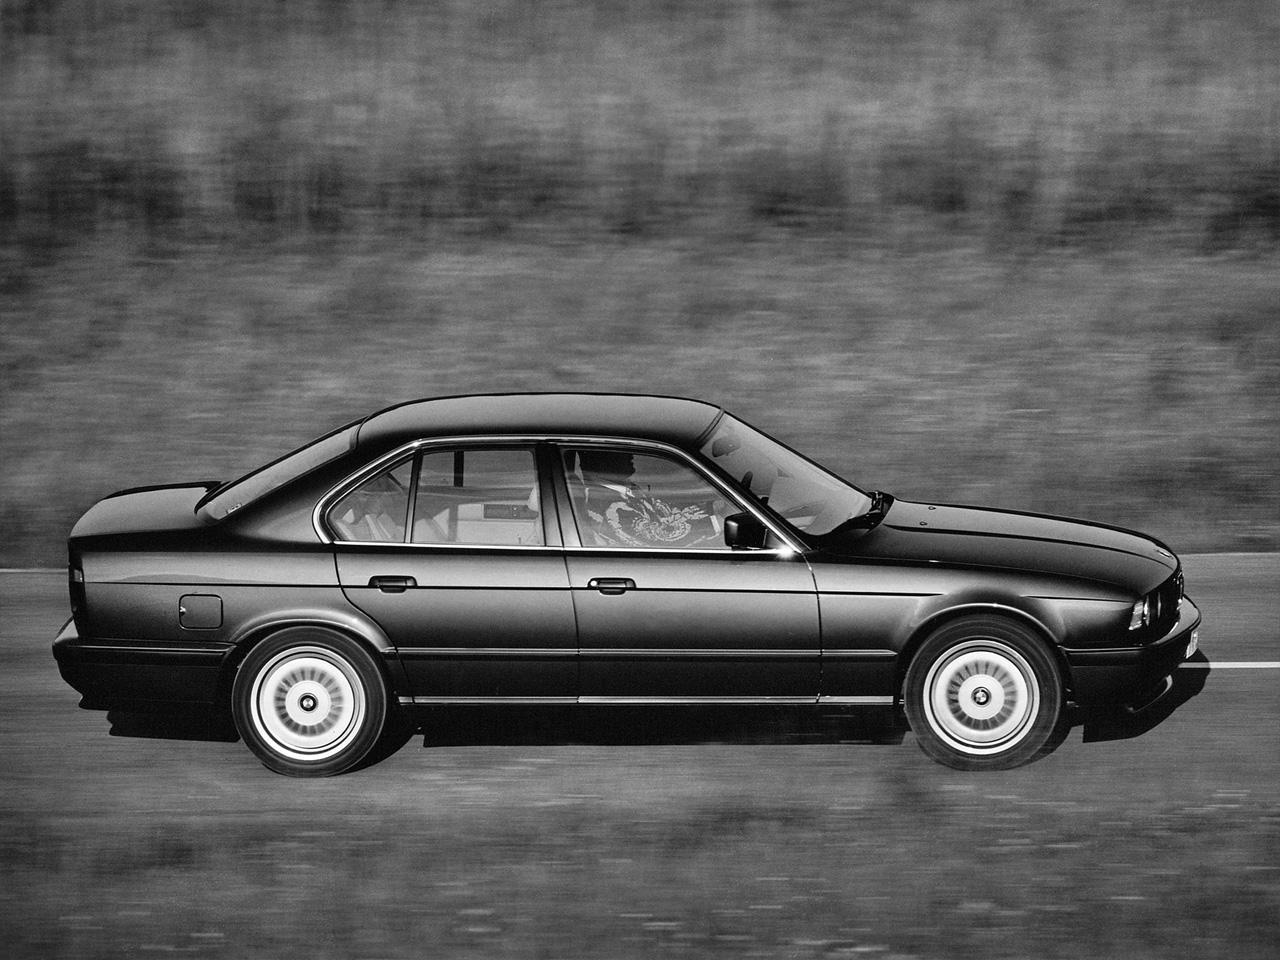 BMW-serie-5-E34-5